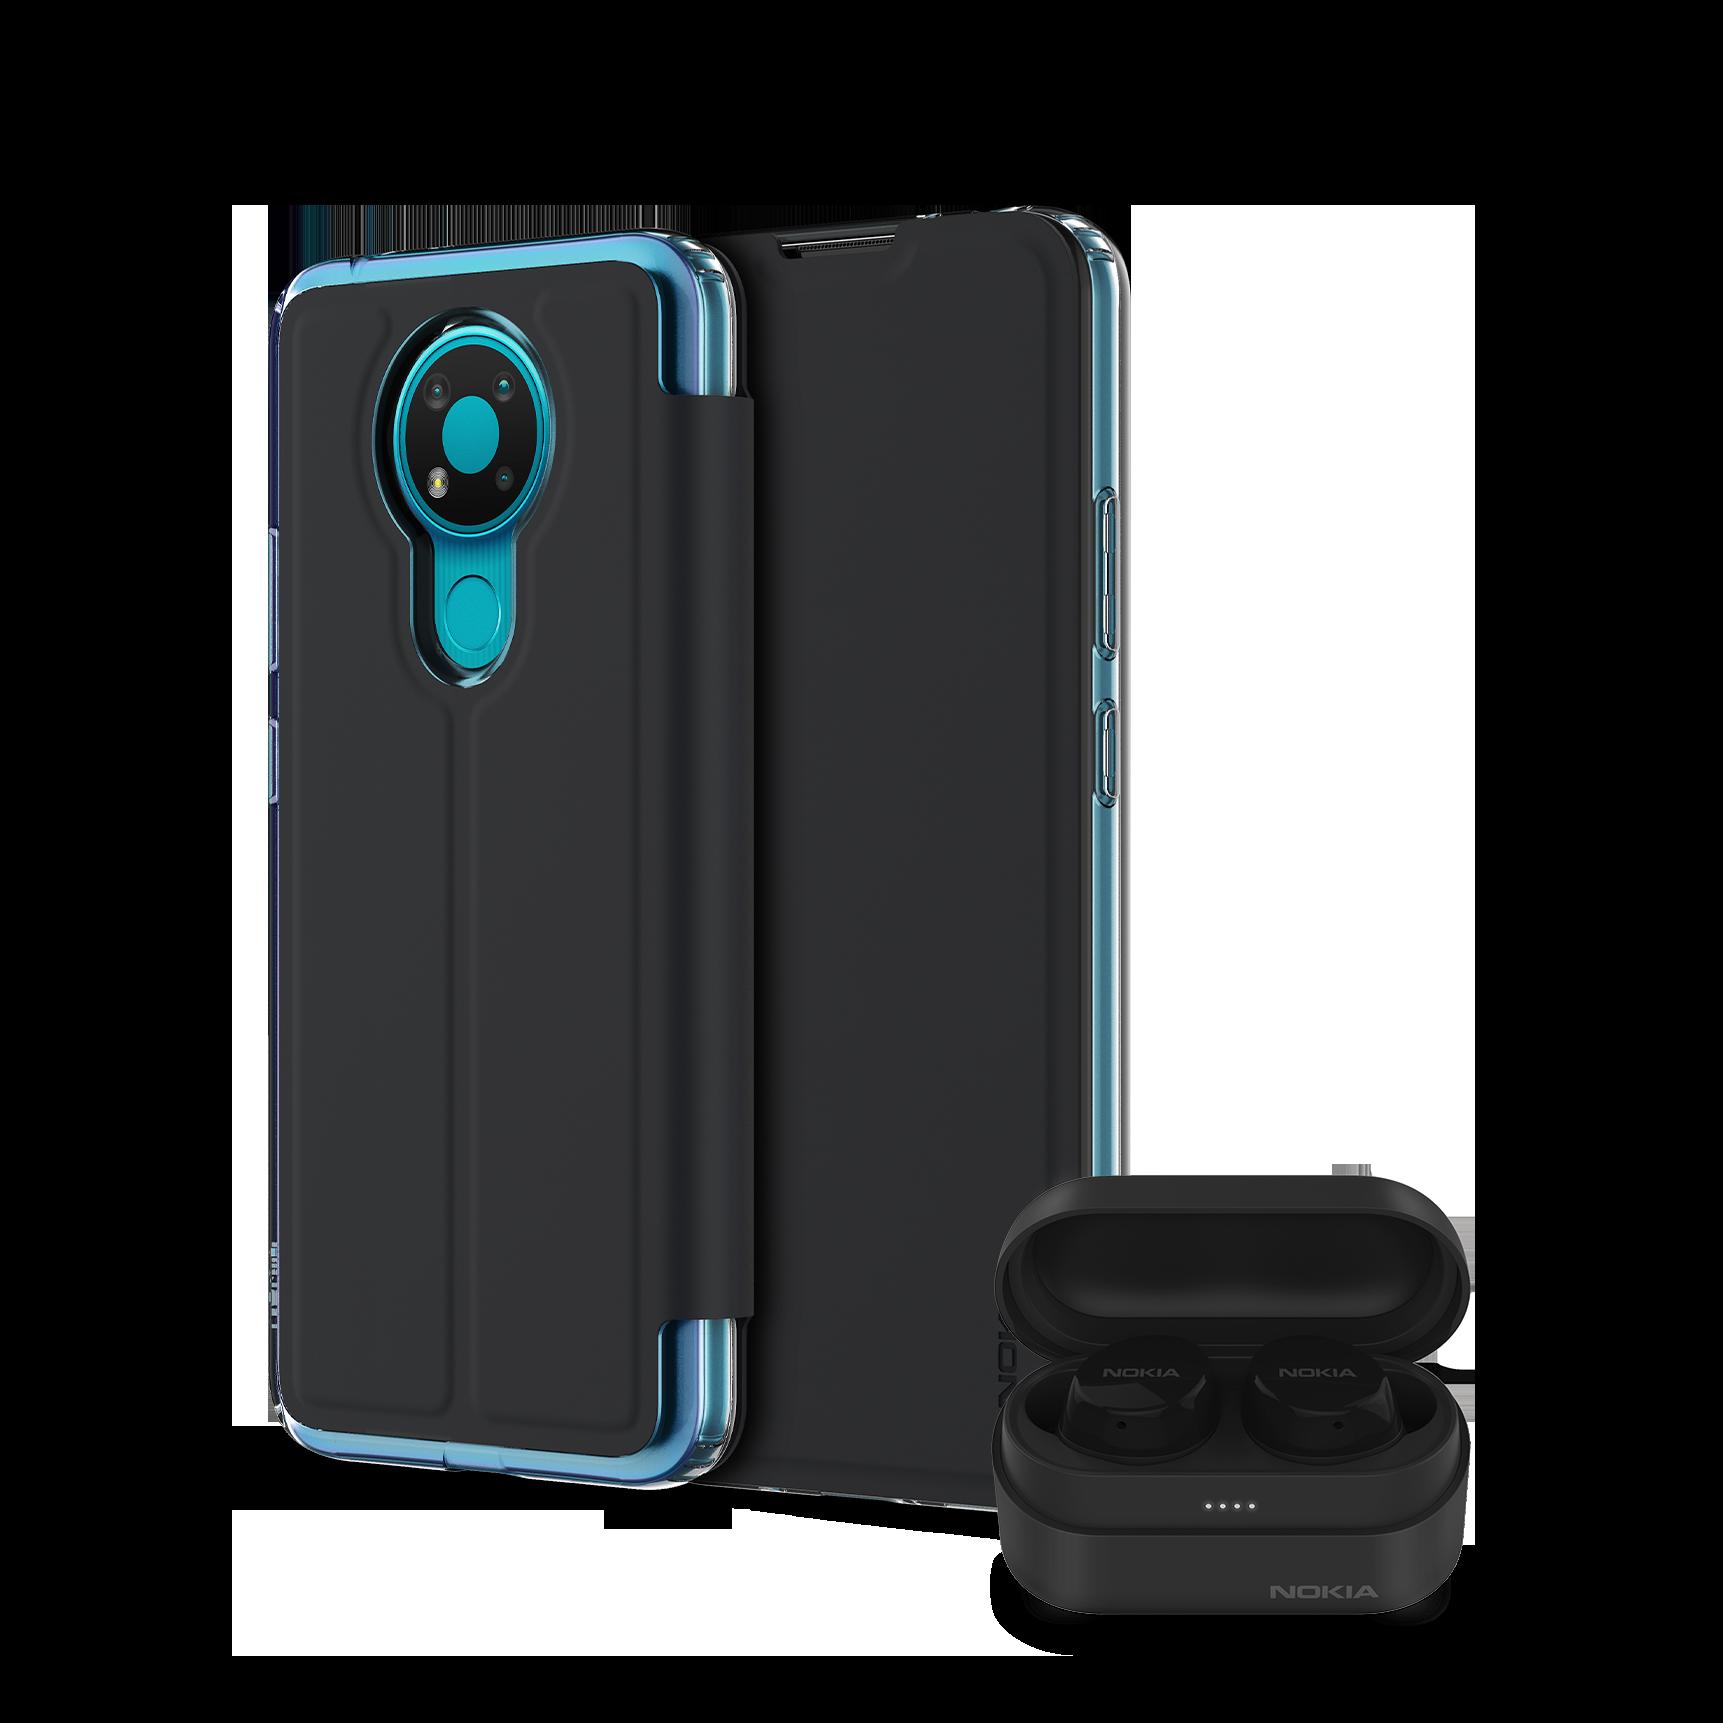 Nokia 3.4 + 2 accessories